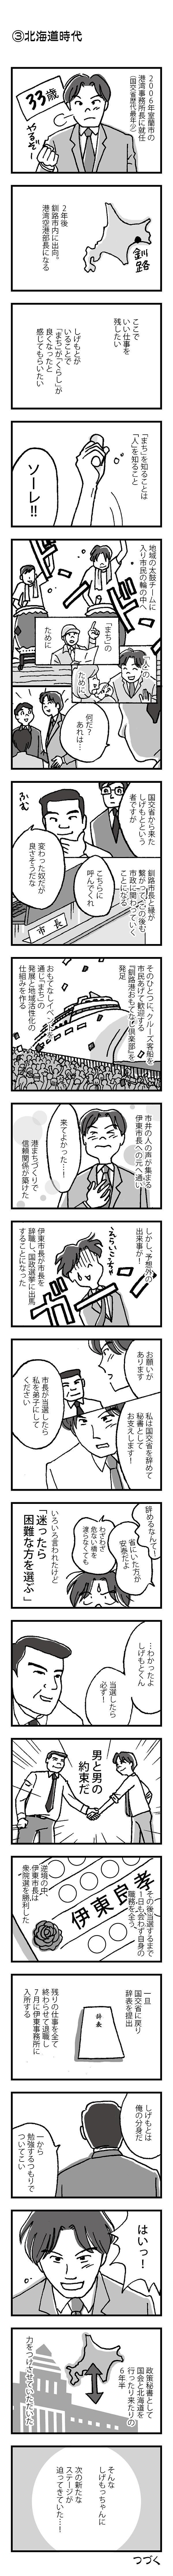 北海道時代03.jpg